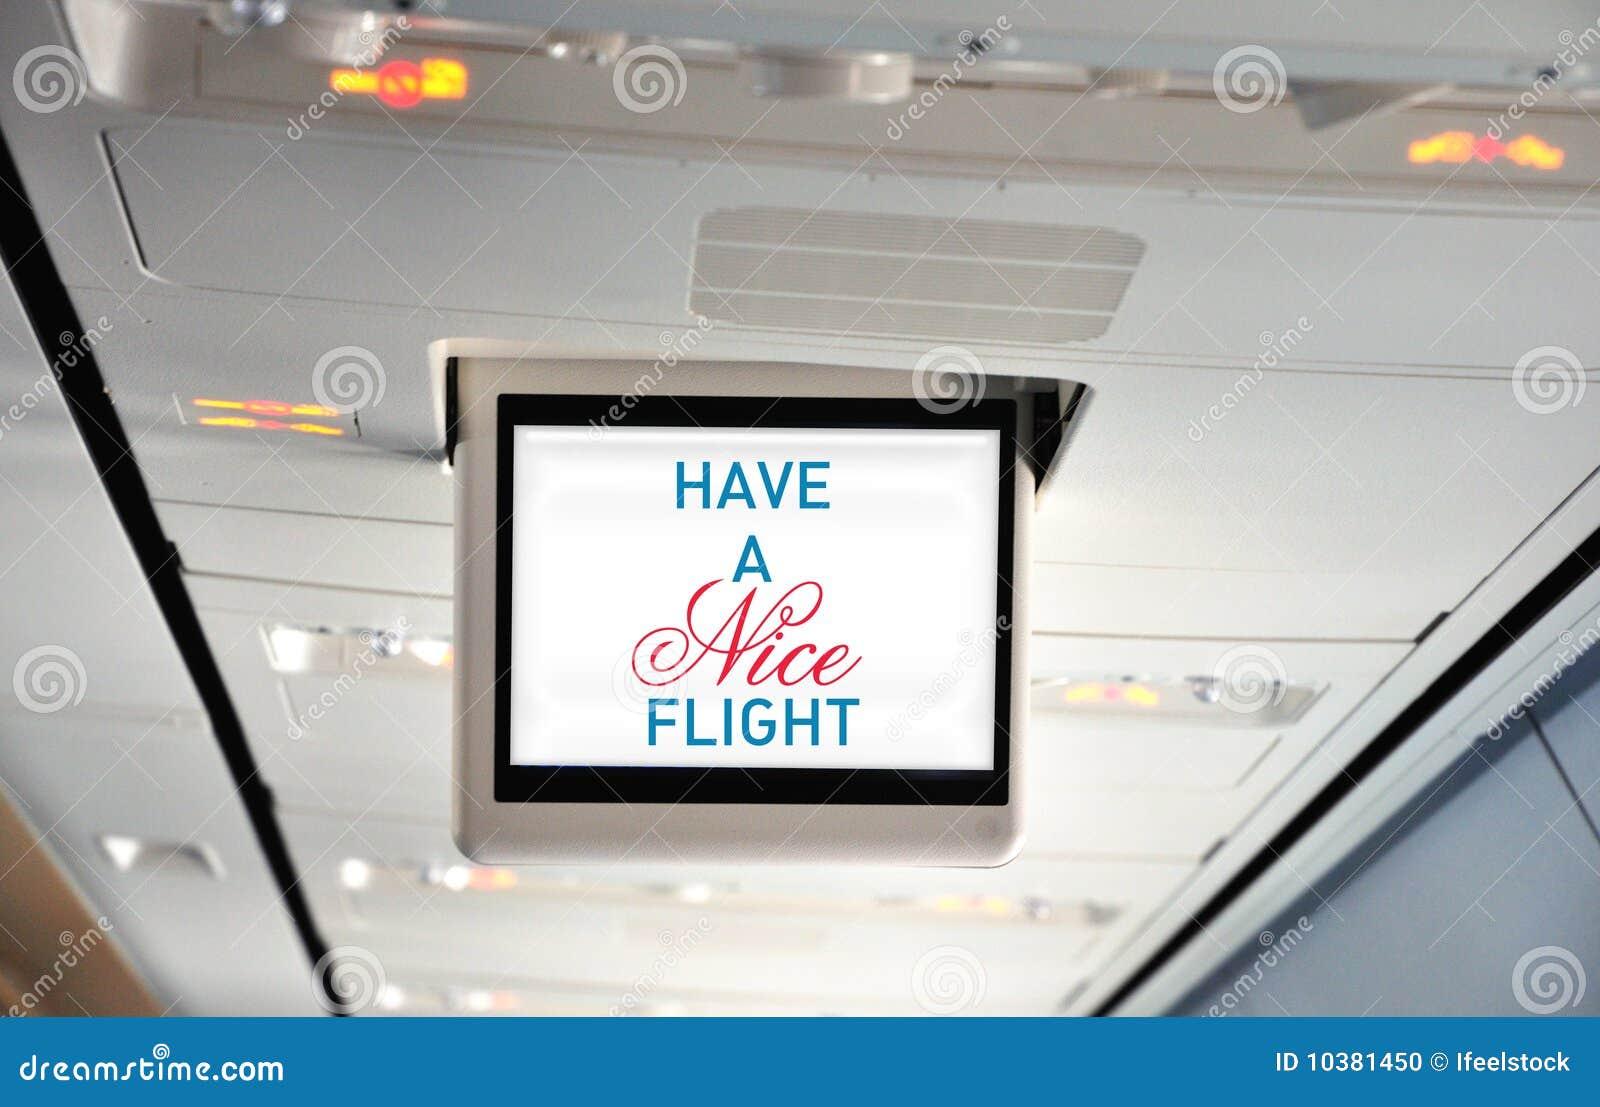 Abbia un volo piacevole